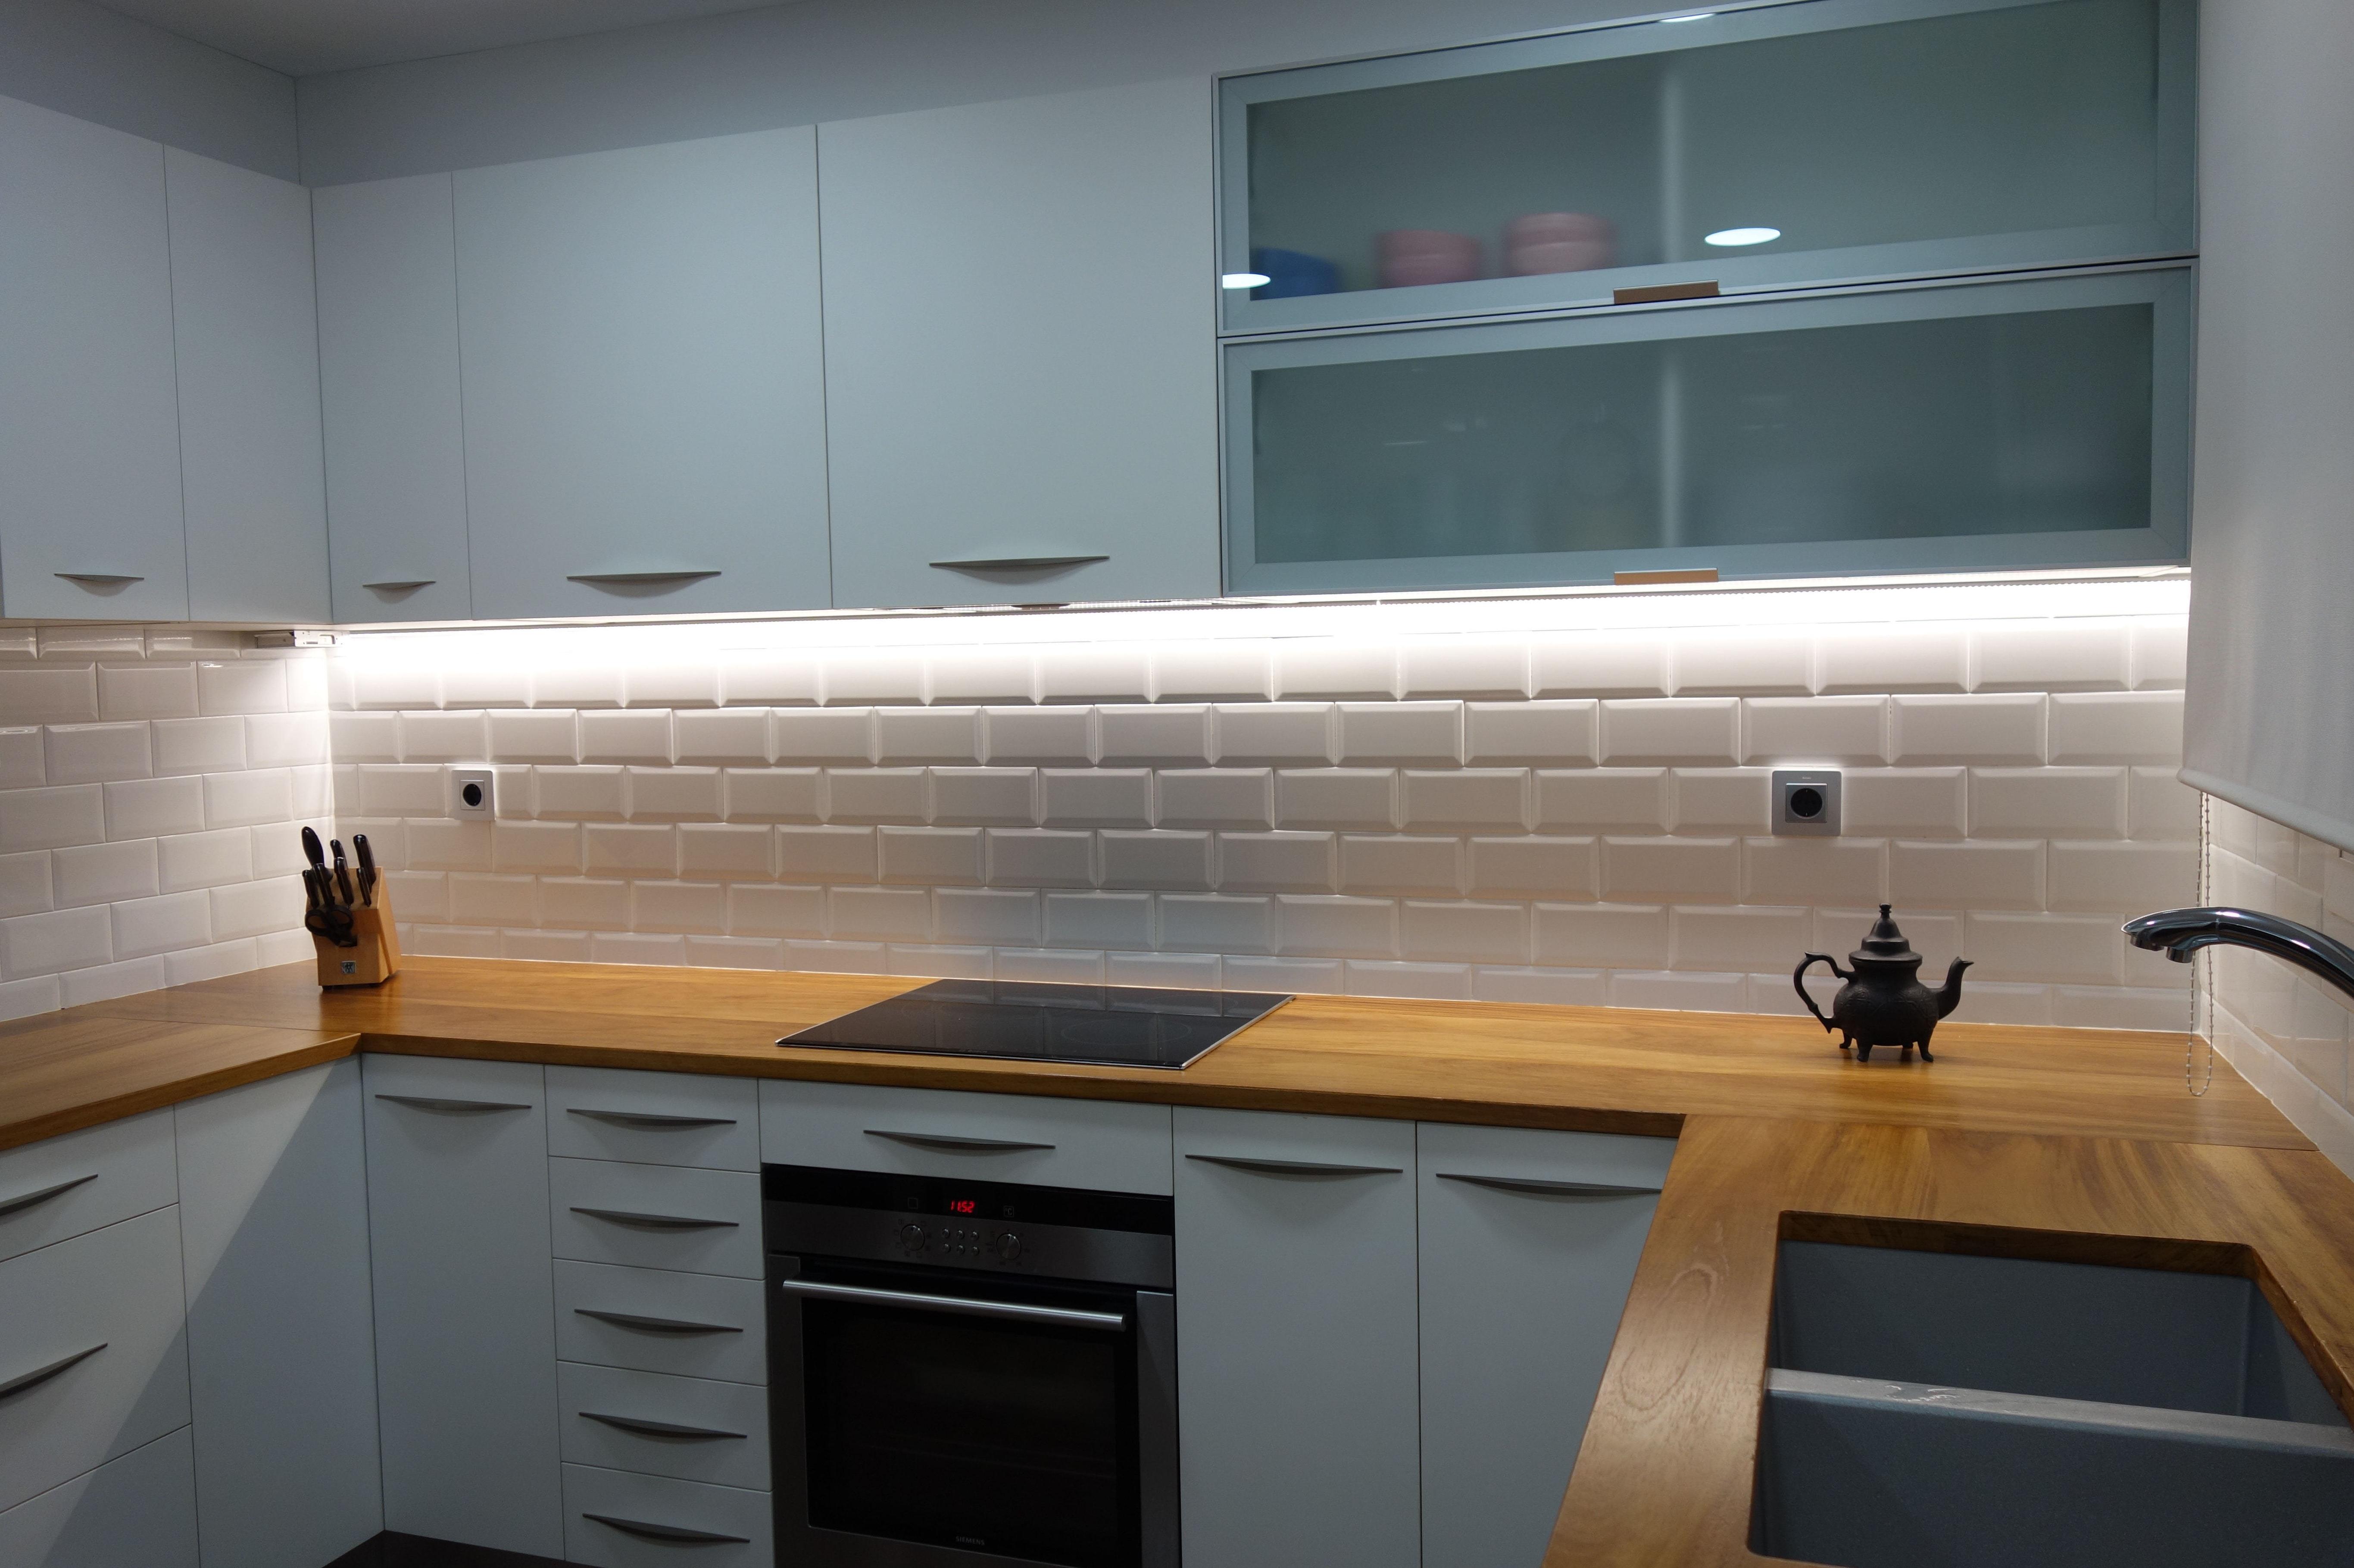 Mueble de cocina en Fenix / Martorell